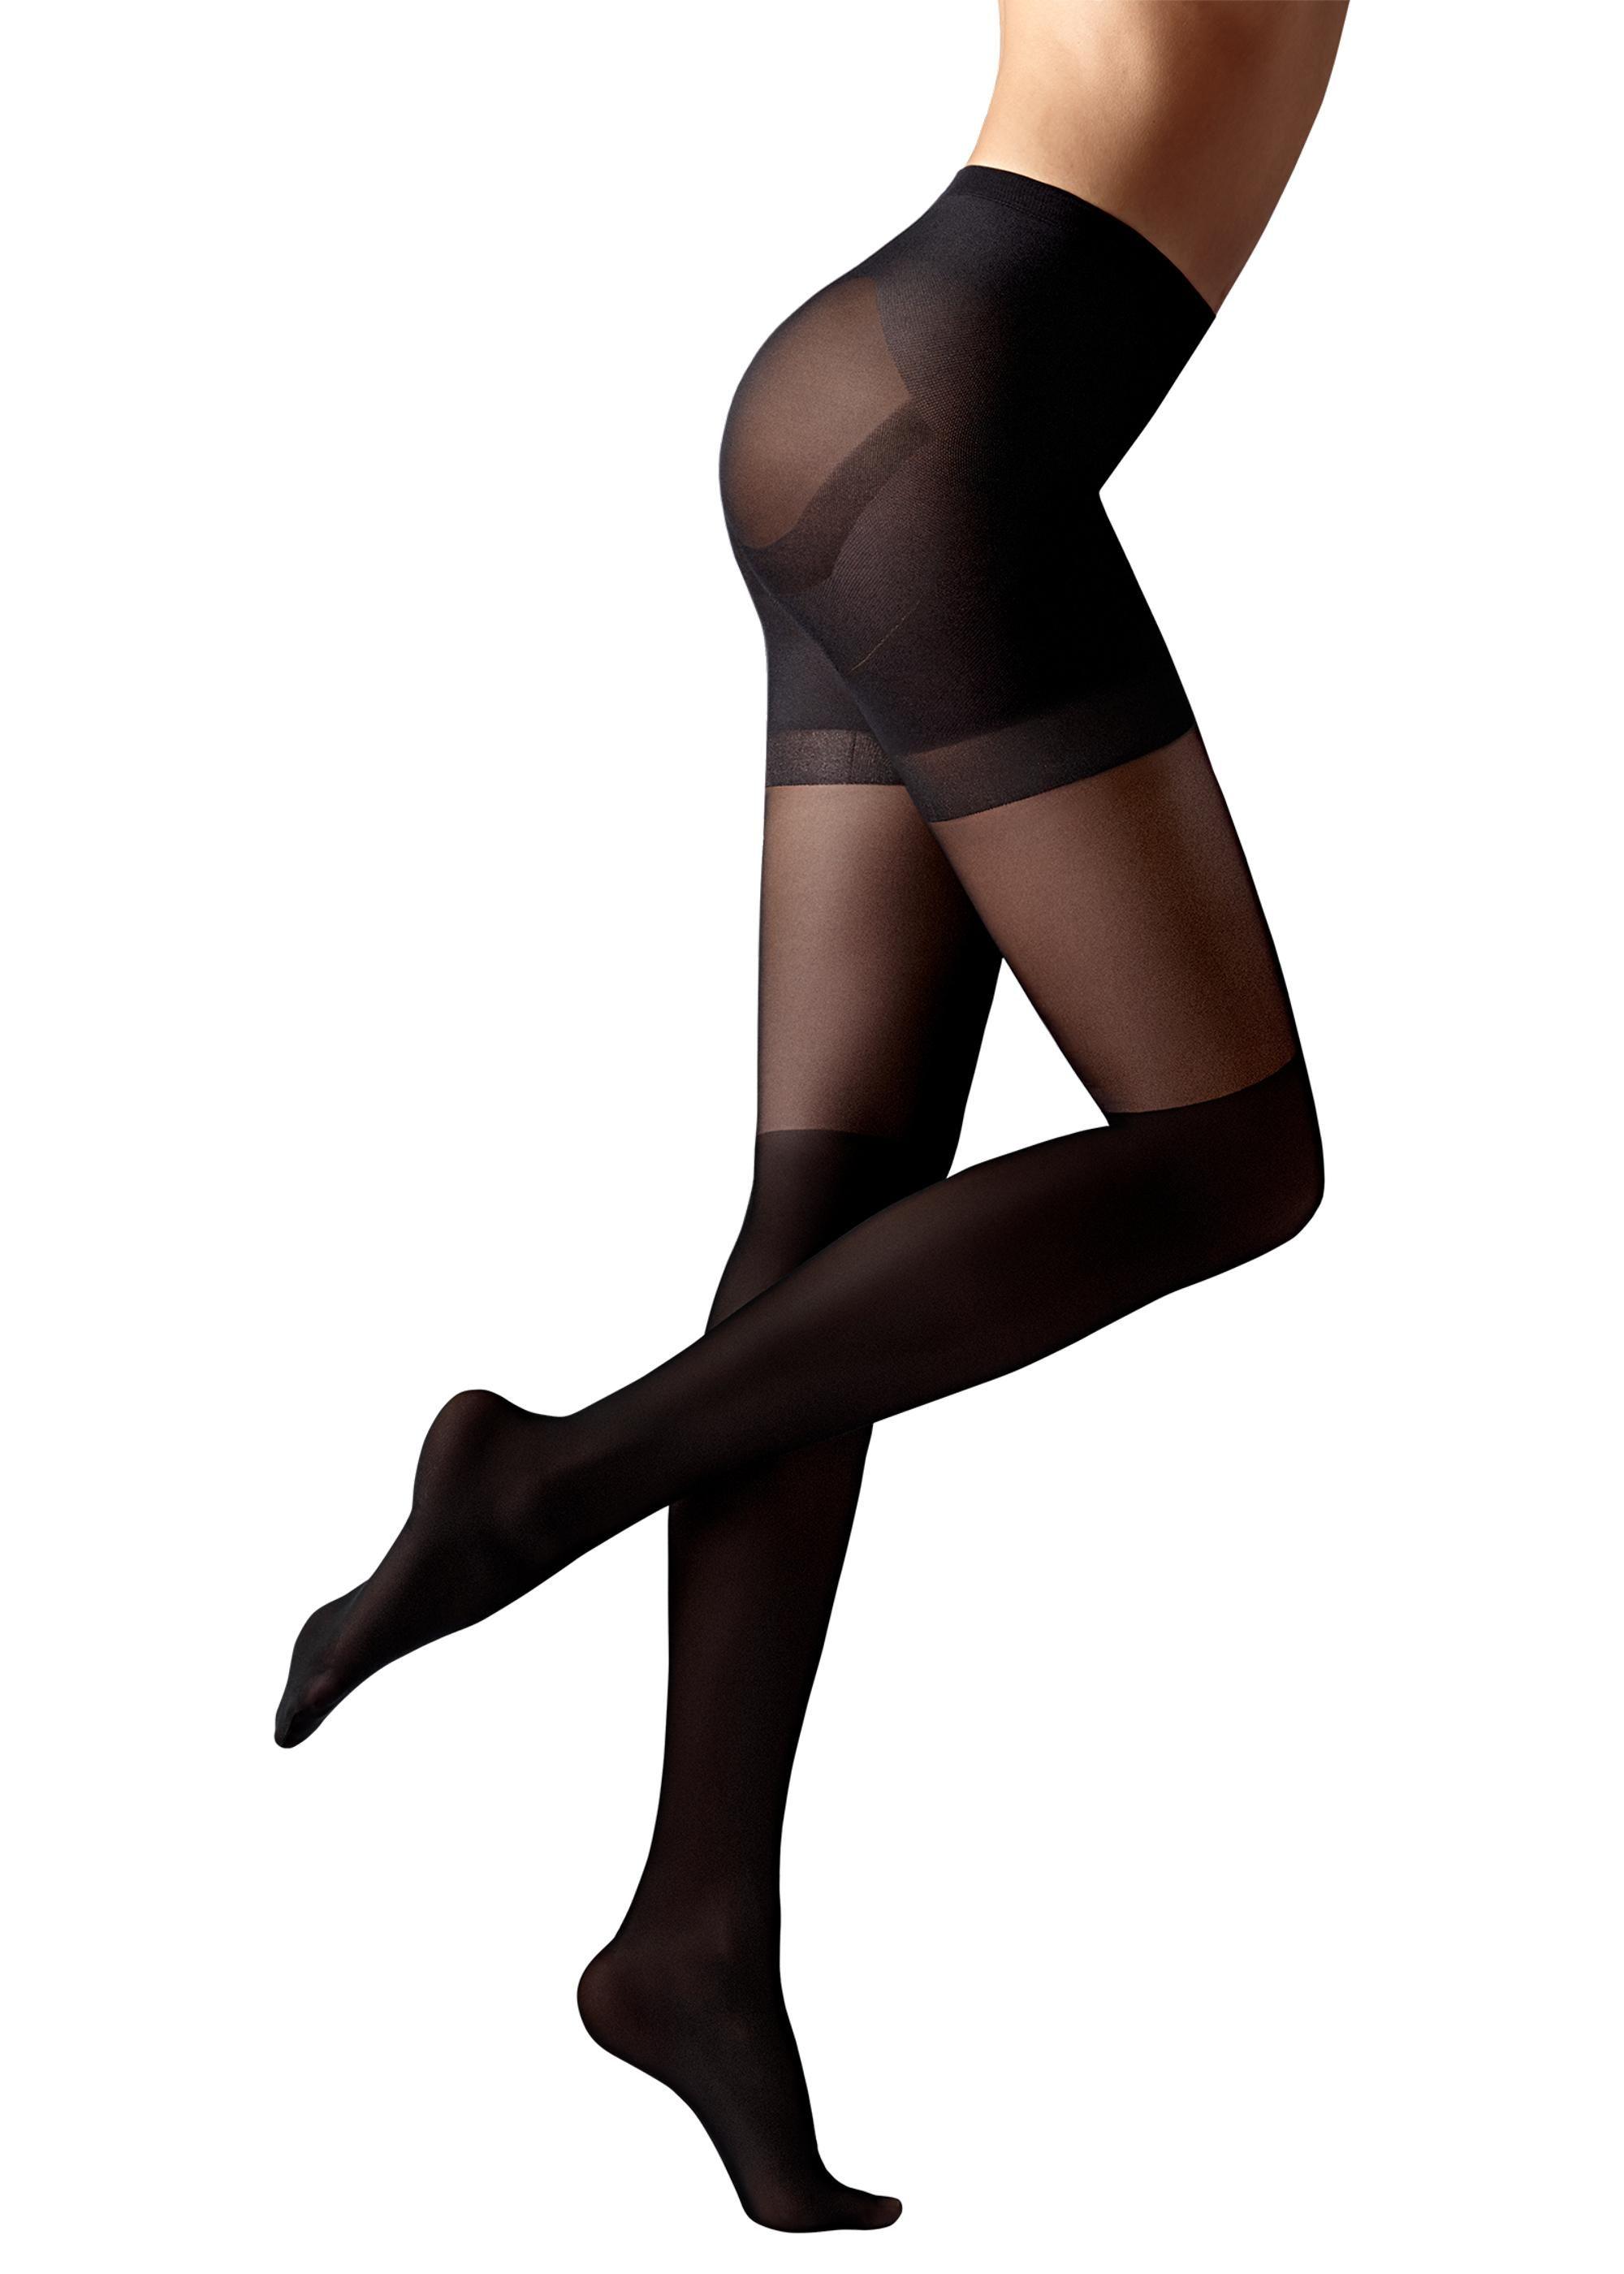 Achetez Collants Gainage Total Effet Chaussettes Hautes dans la boutique  Calzedonia. Une longue tradition de la mode et de qualité. 360d04e5af7